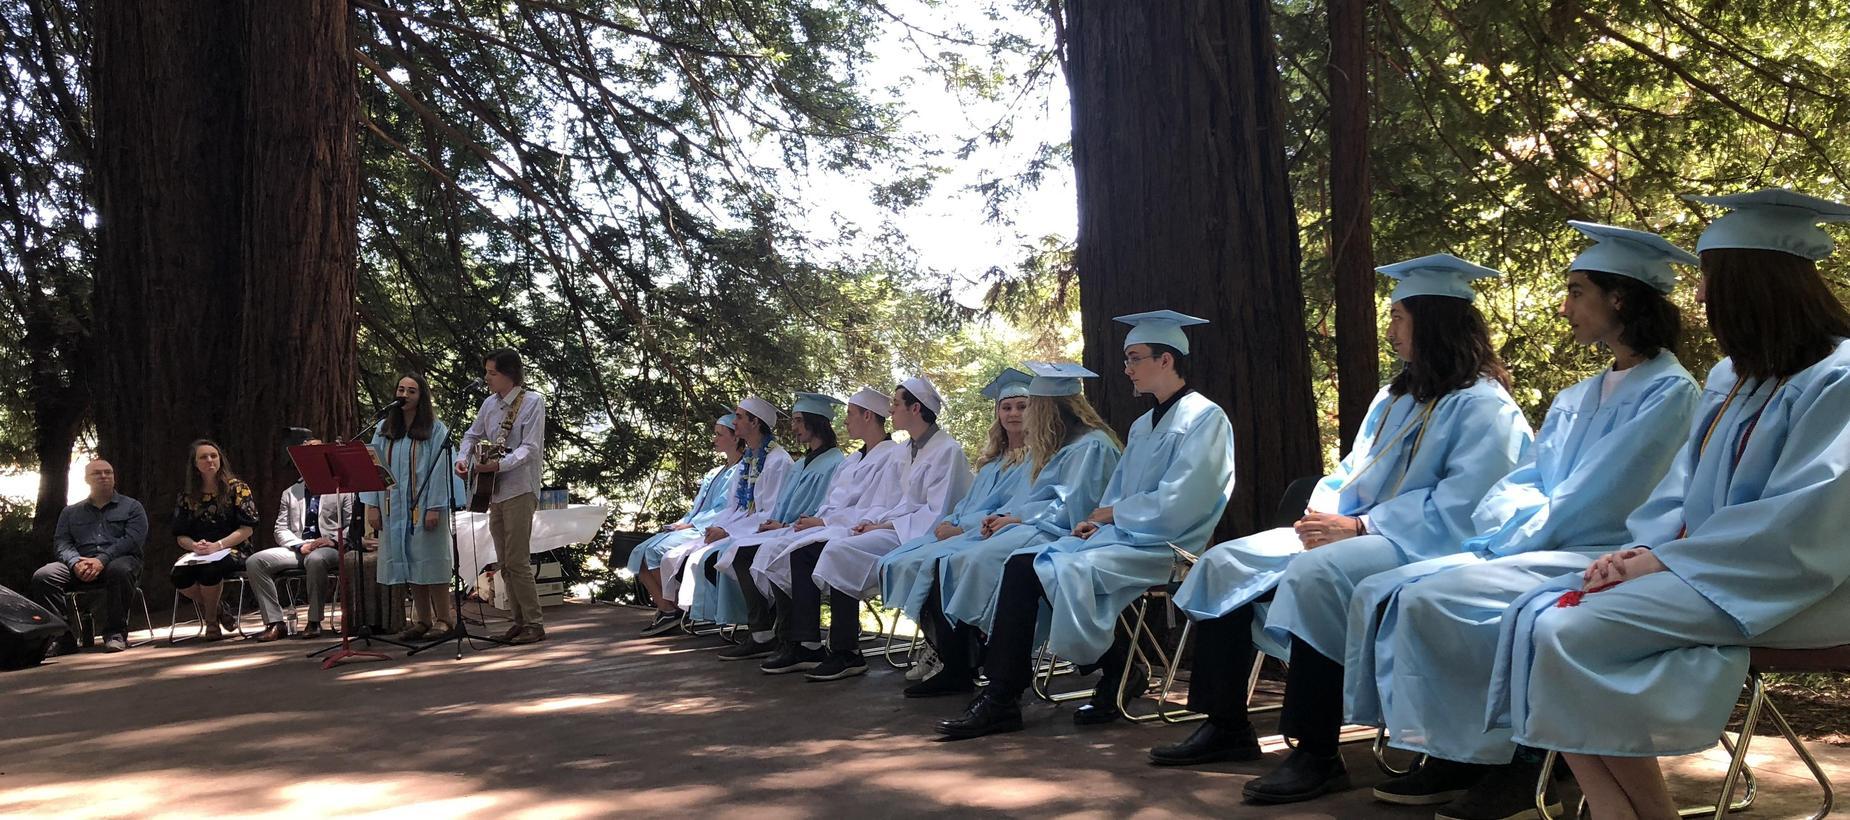 CRHS graduation